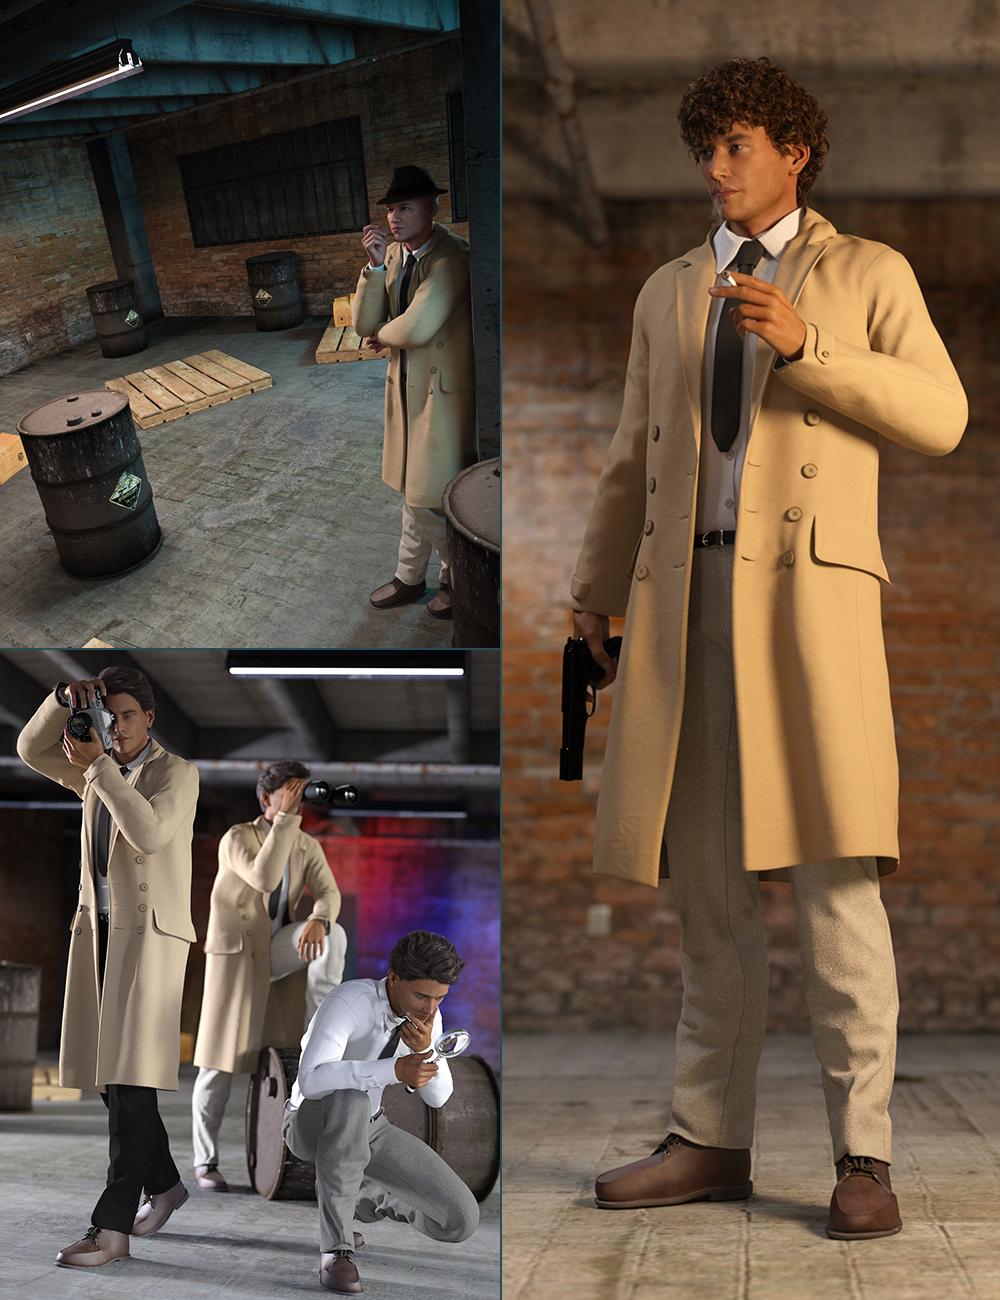 Detective Bundle by: , 3D Models by Daz 3D